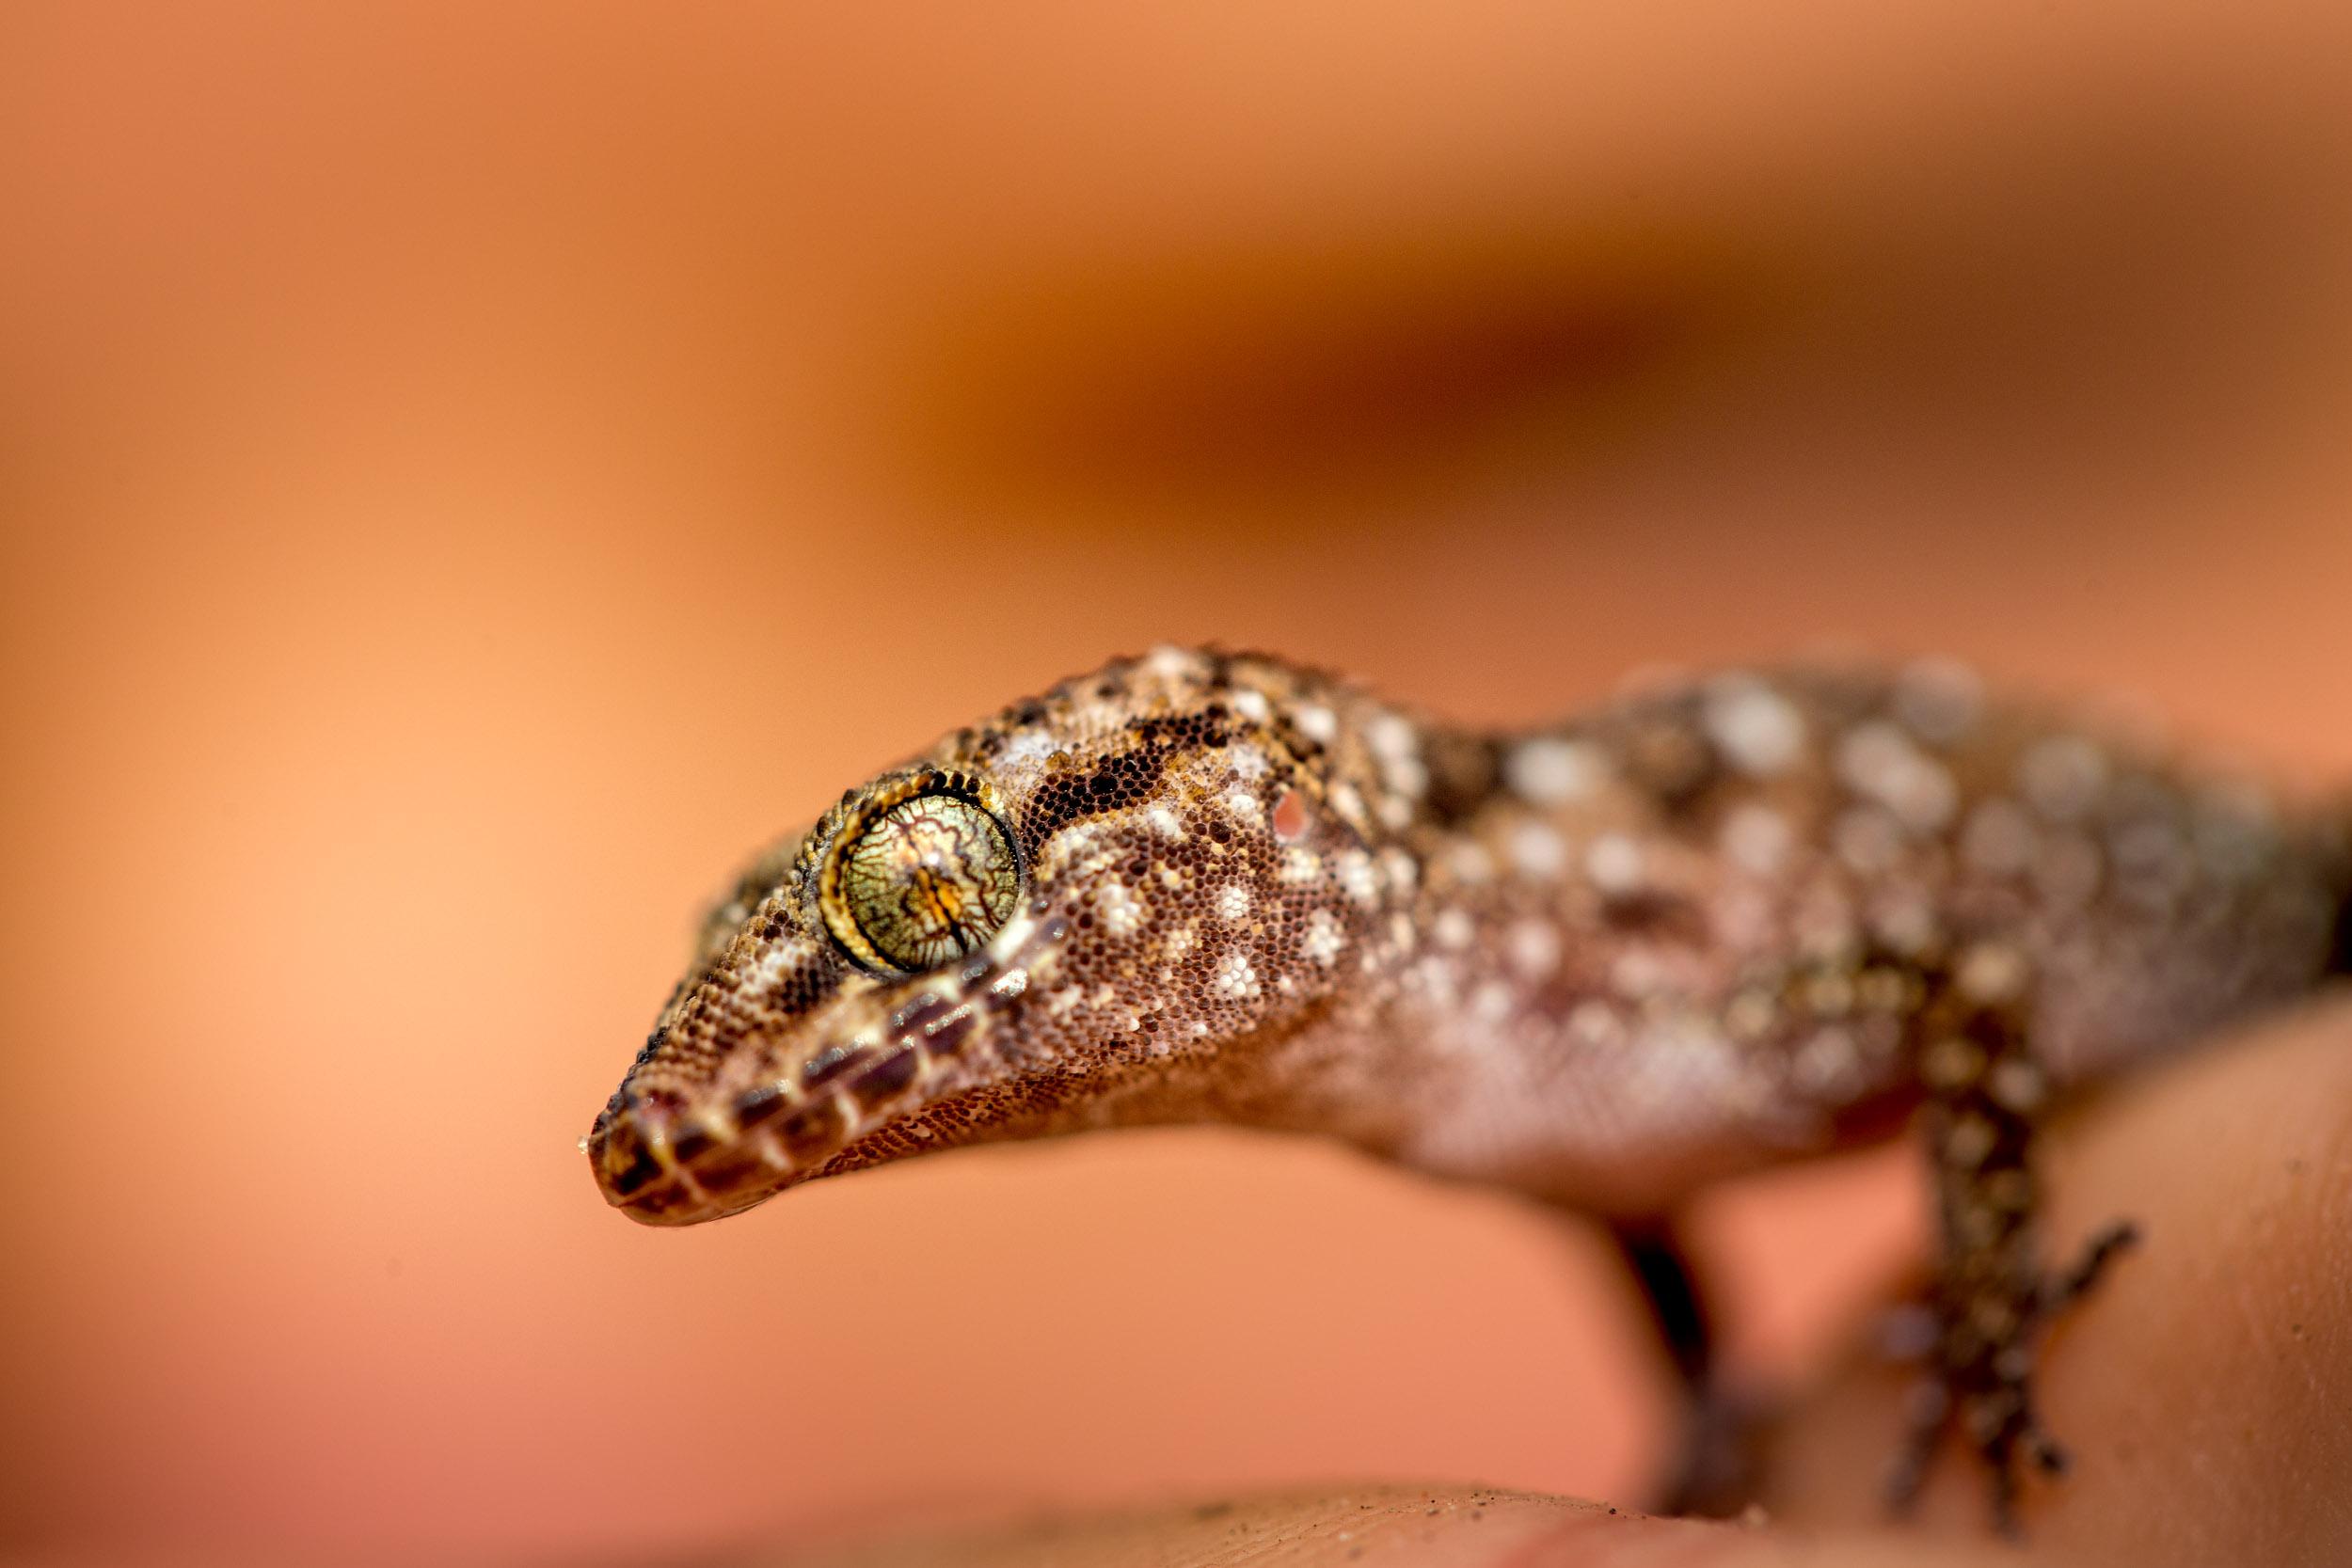 reptiles-northern-territory.jpg